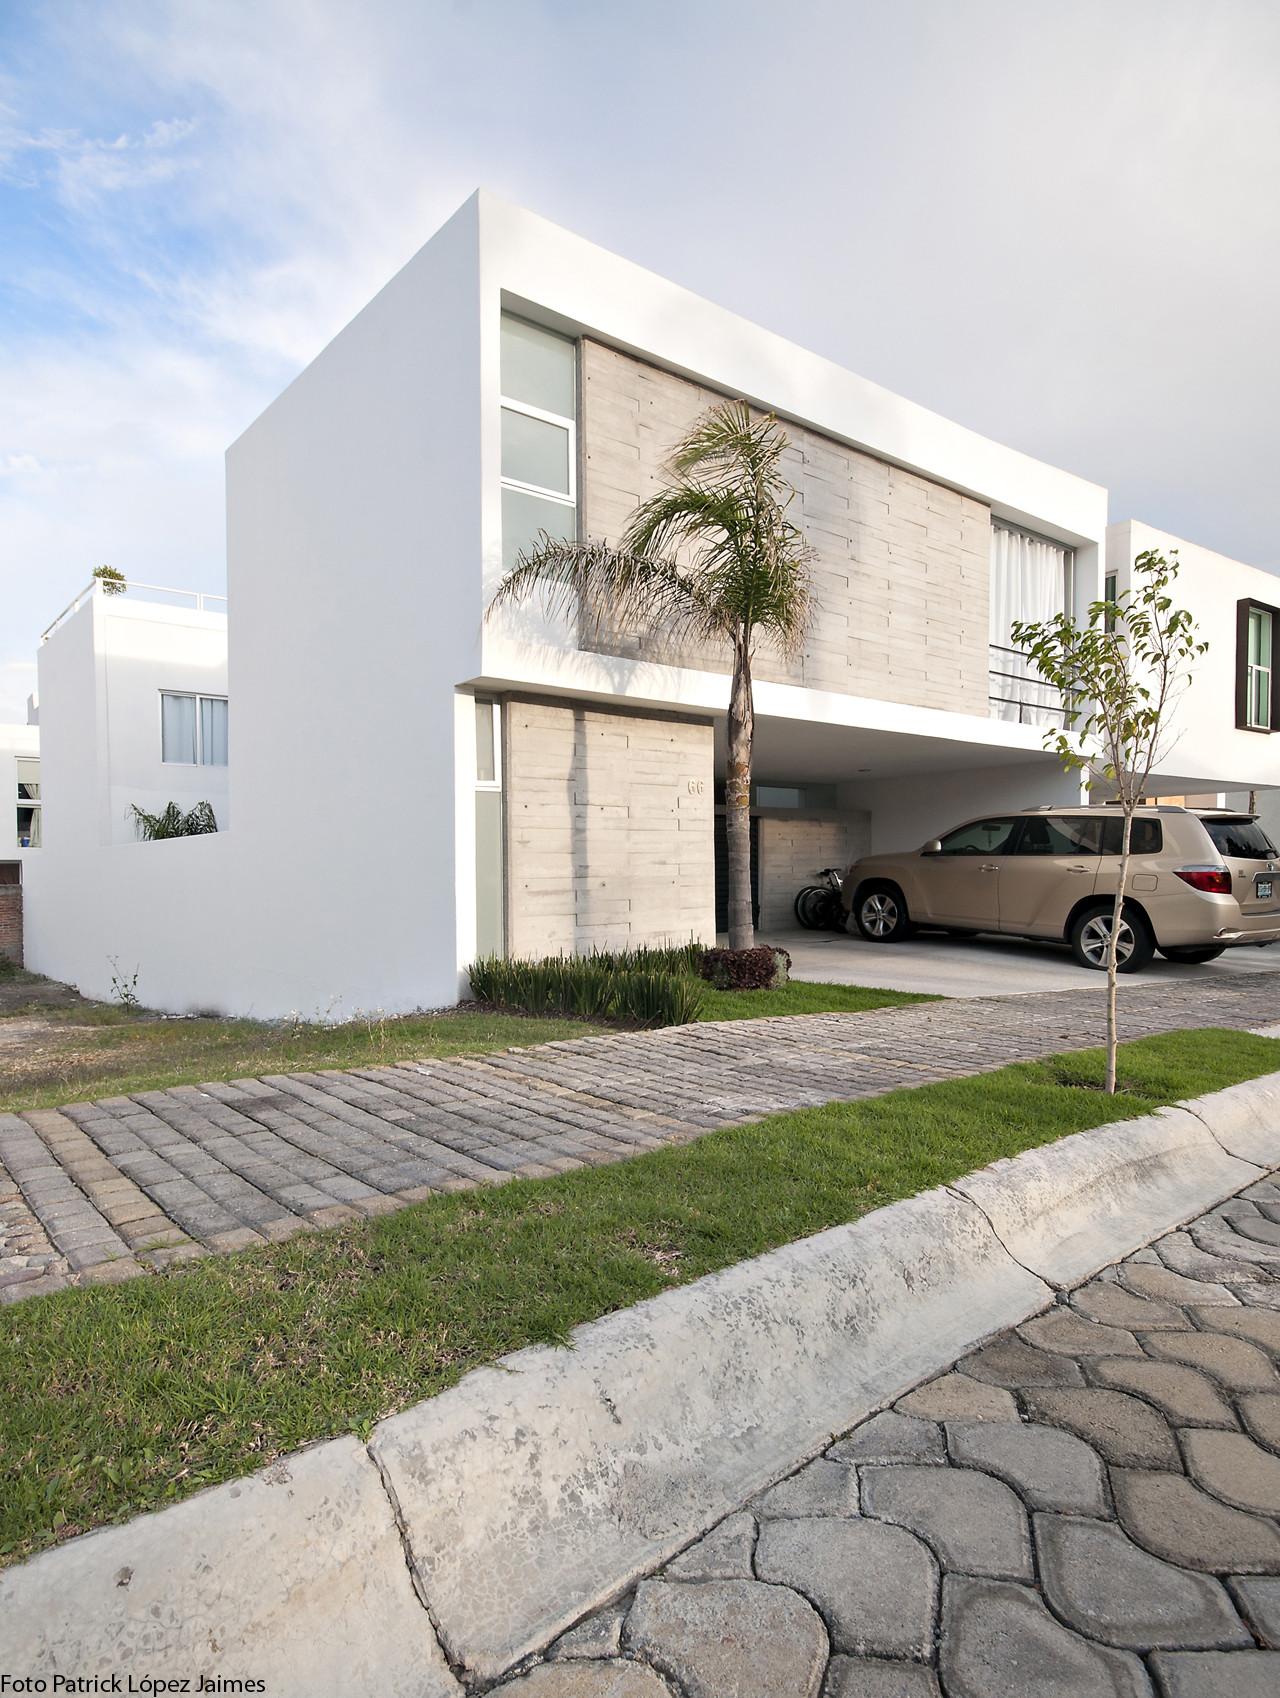 Casa SJ10 / JAR jaspeado arquitectos + NM + Arquitectos, © Patrick López Jaimes